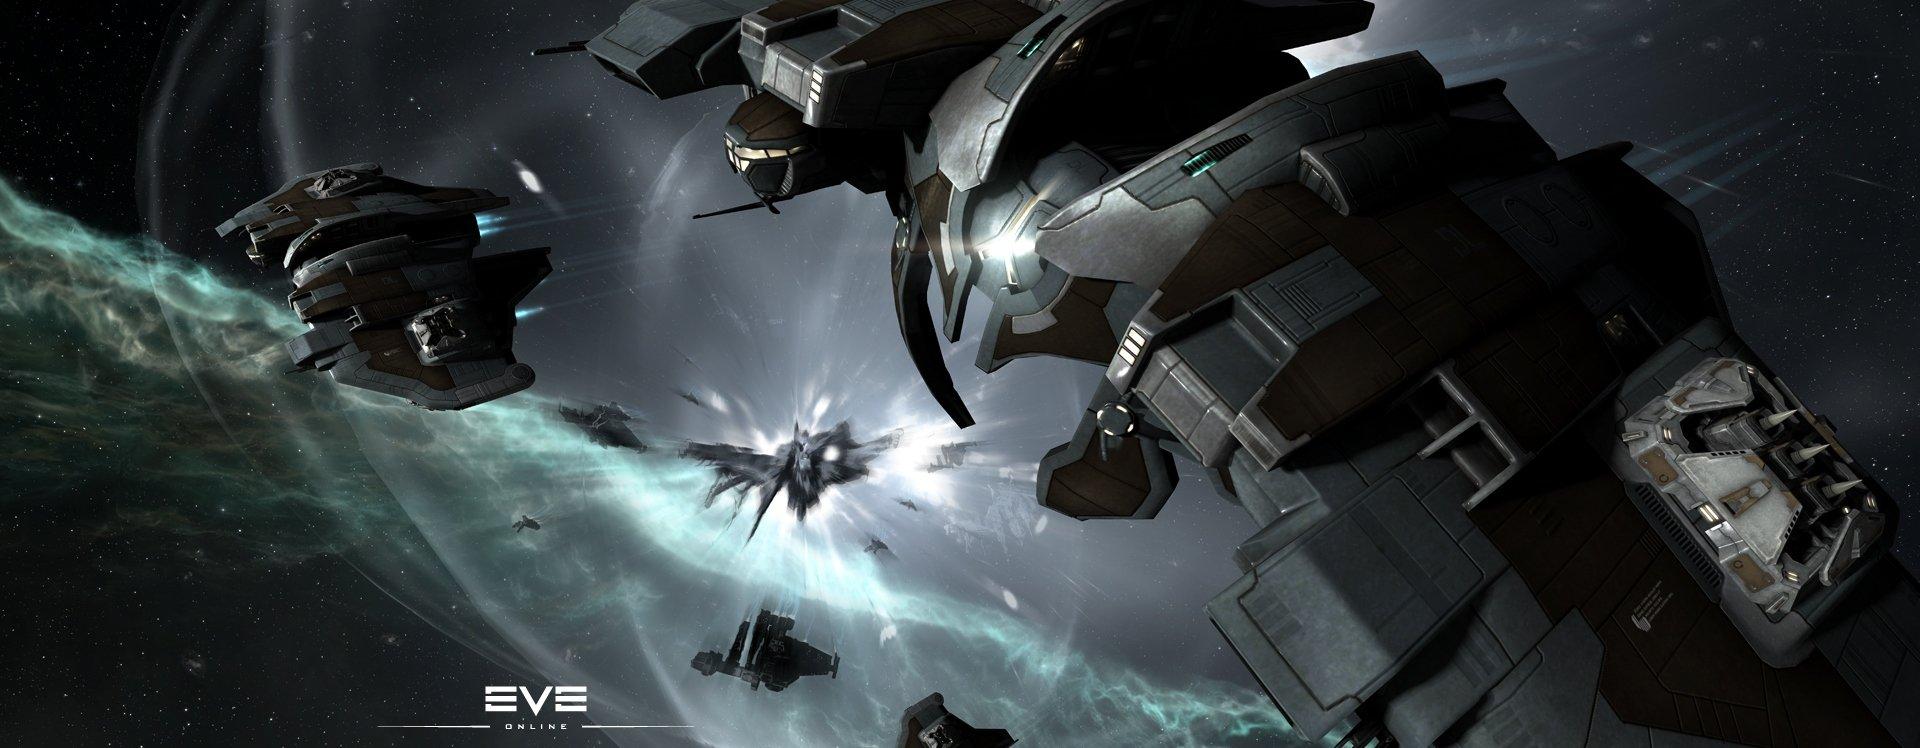 #EveЕсть ли способ играть в Eve Online без обязательного задротства по ресурсам? Чтобы можно было зайти в игру когда ... - Изображение 1